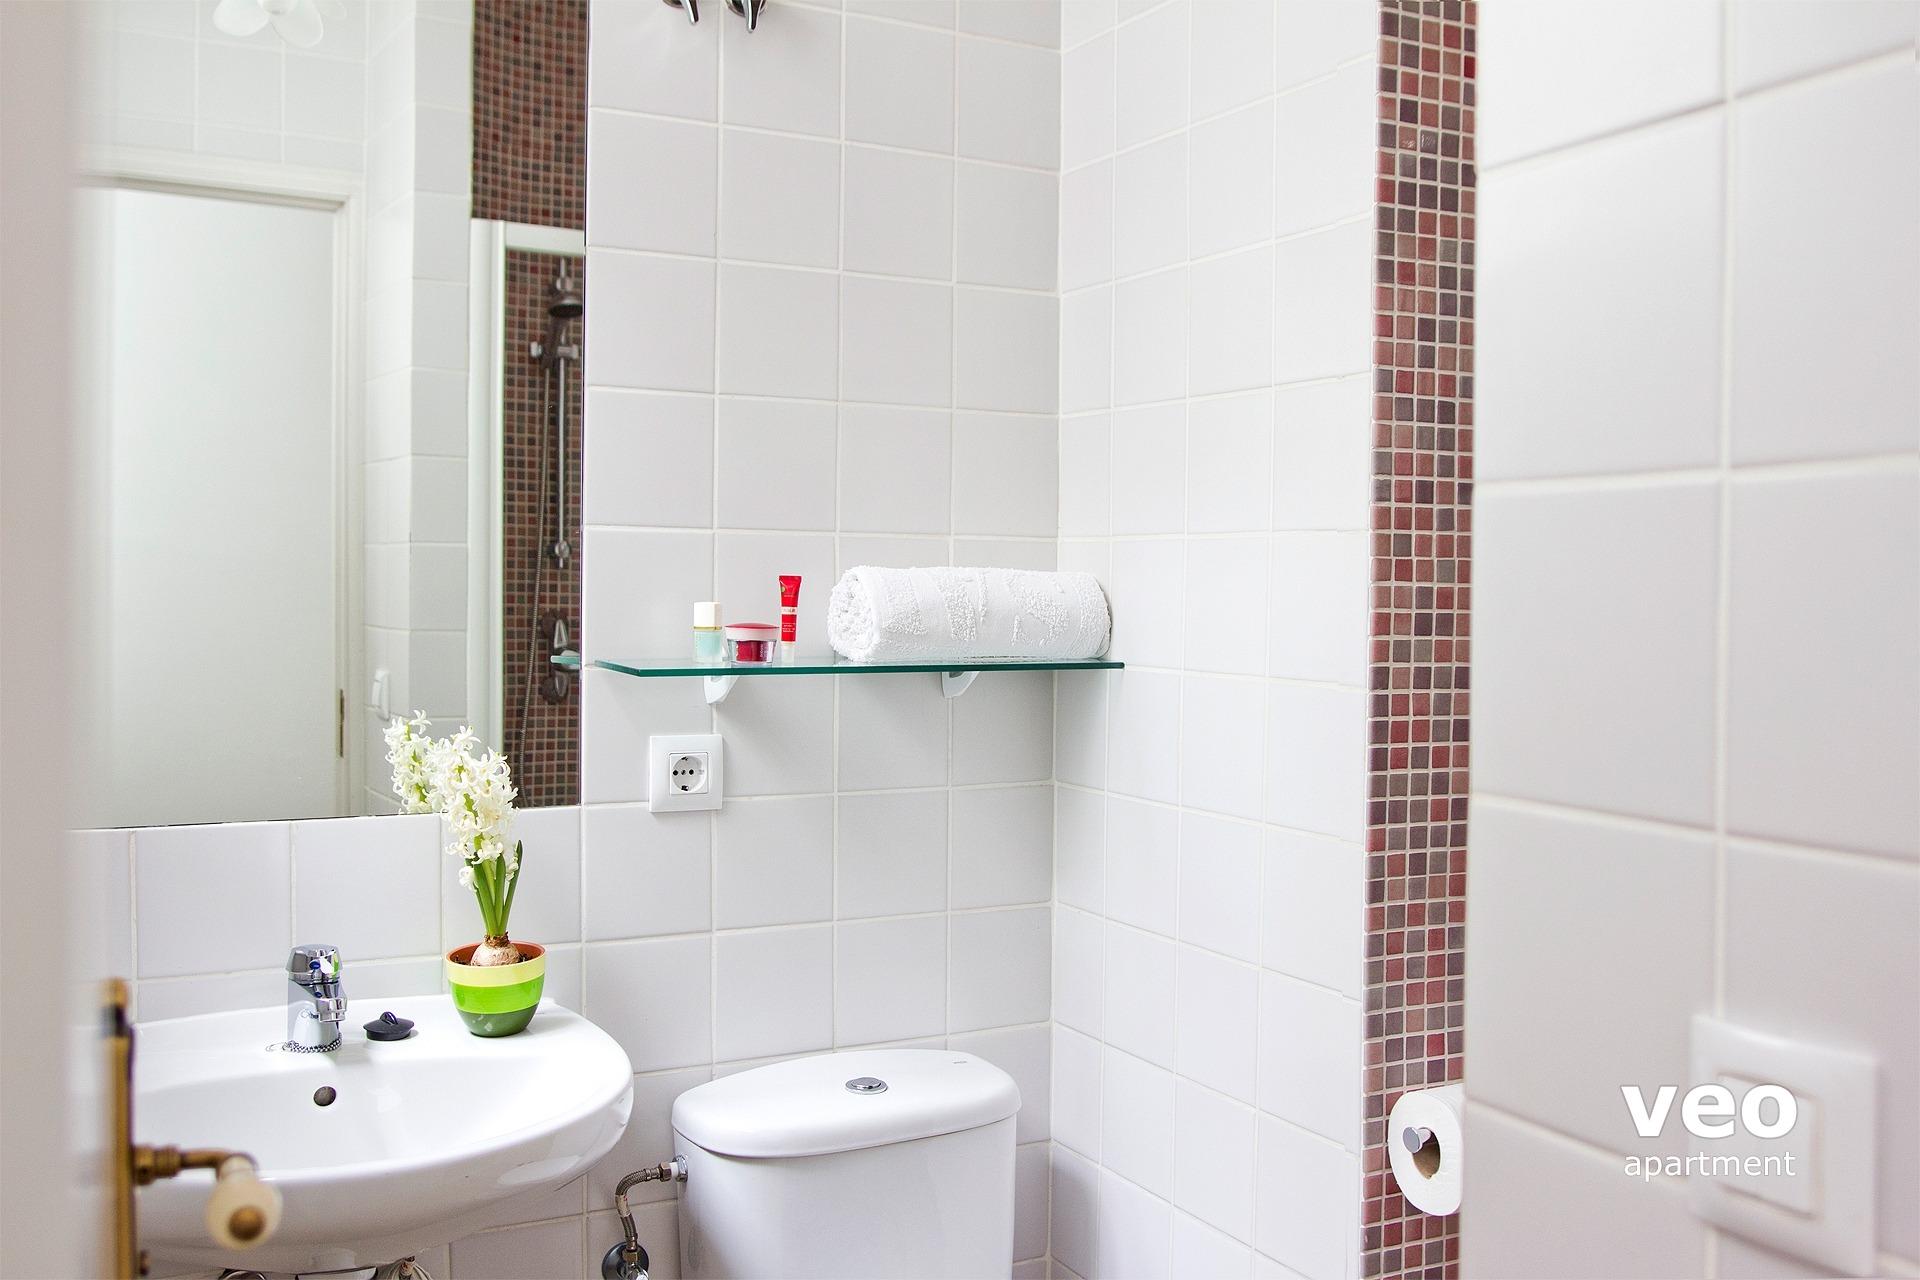 Sevilla apartmento calle relator sevilla espa a relator for Alquiler de apartamentos en sevilla espana